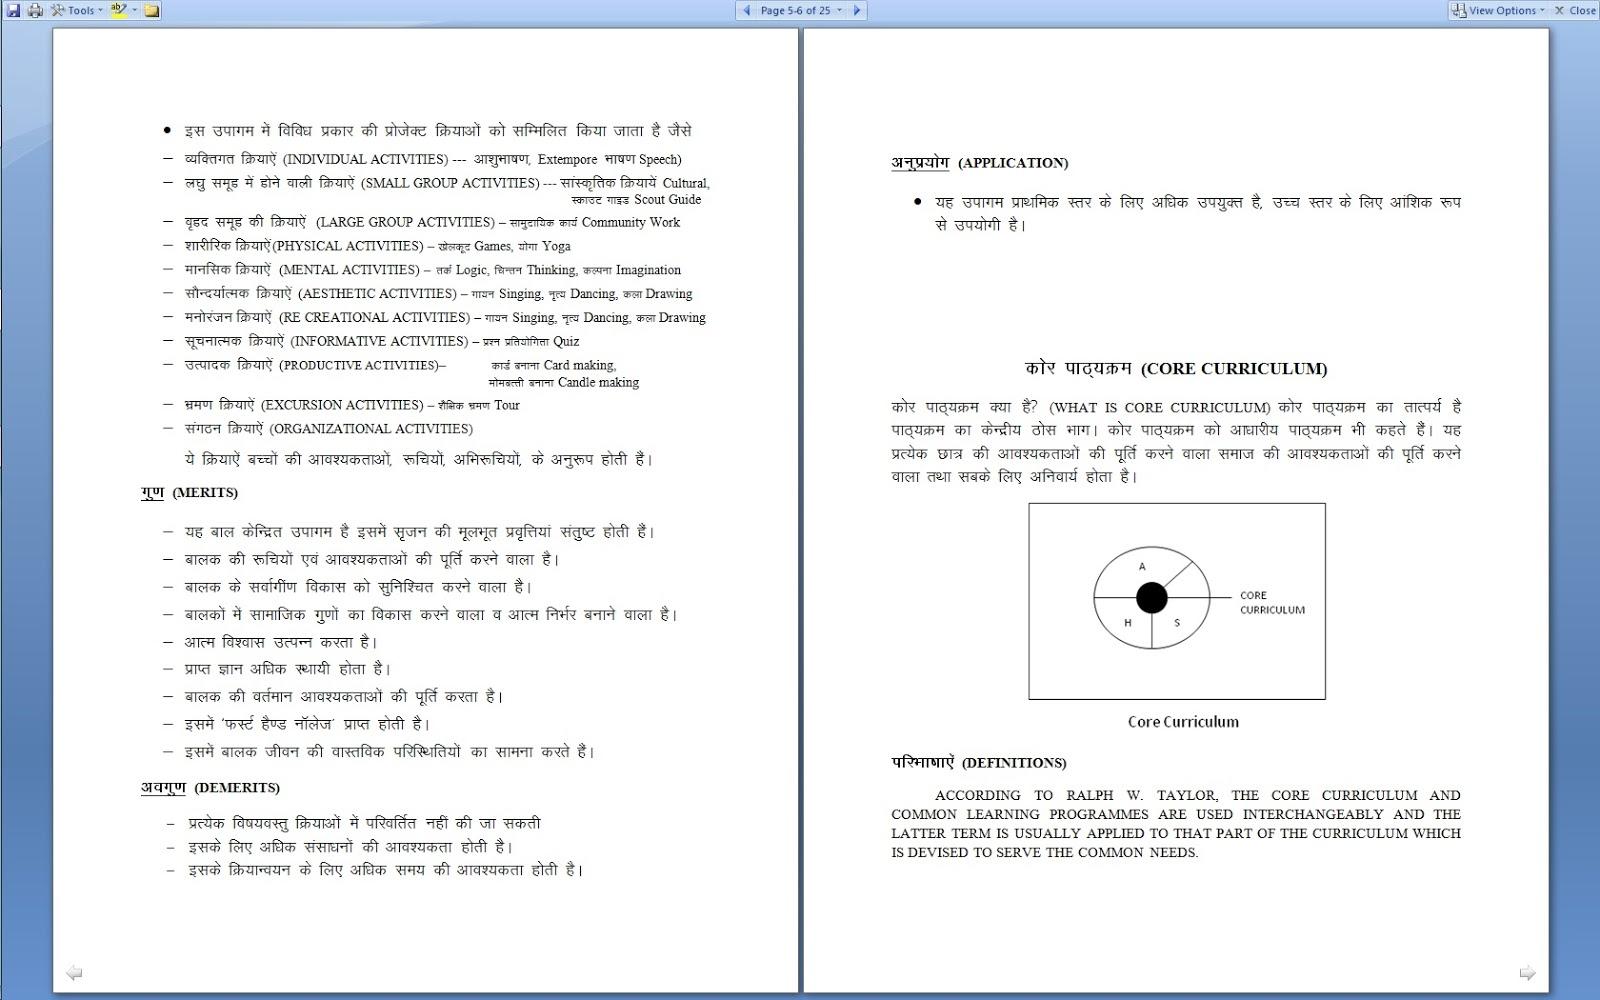 Curriculum: TYPES OF CURRICULUM